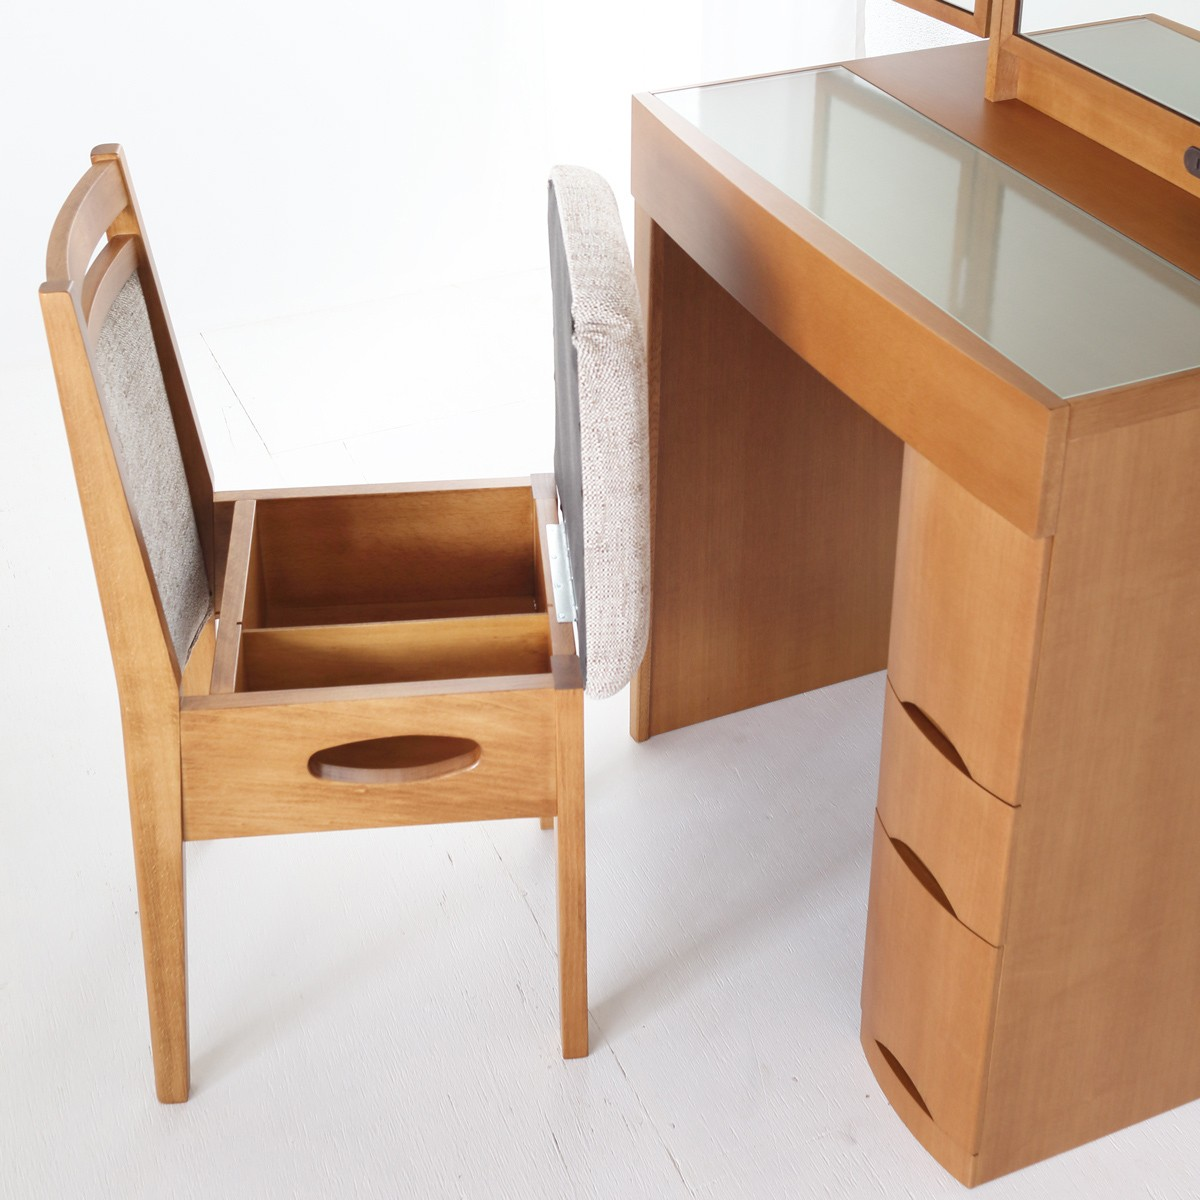 座面の下が収納になってドライヤーやティッシュが入るドレッサー用椅子